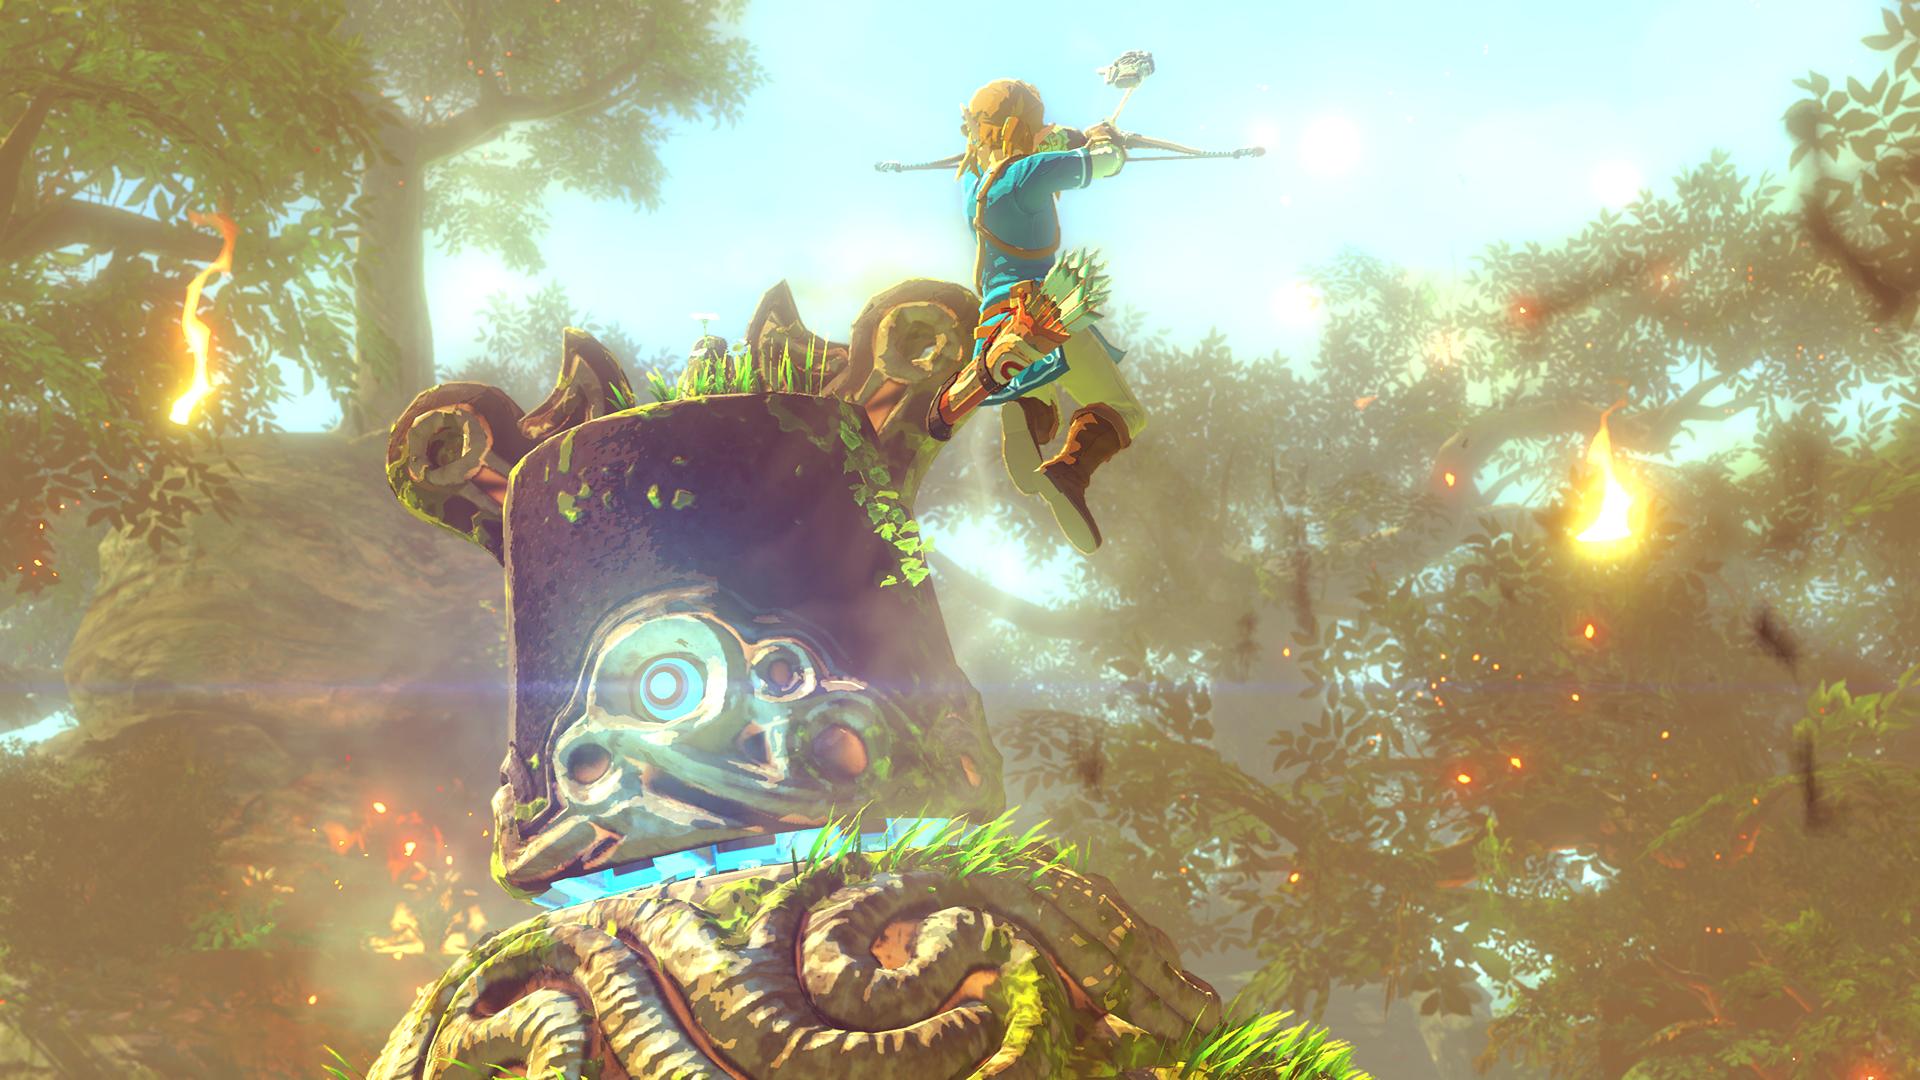 [GAMES] The Legend of Zelda (Nintendo Wii U) - Gameplay! Zelda-u-e3-2014-4